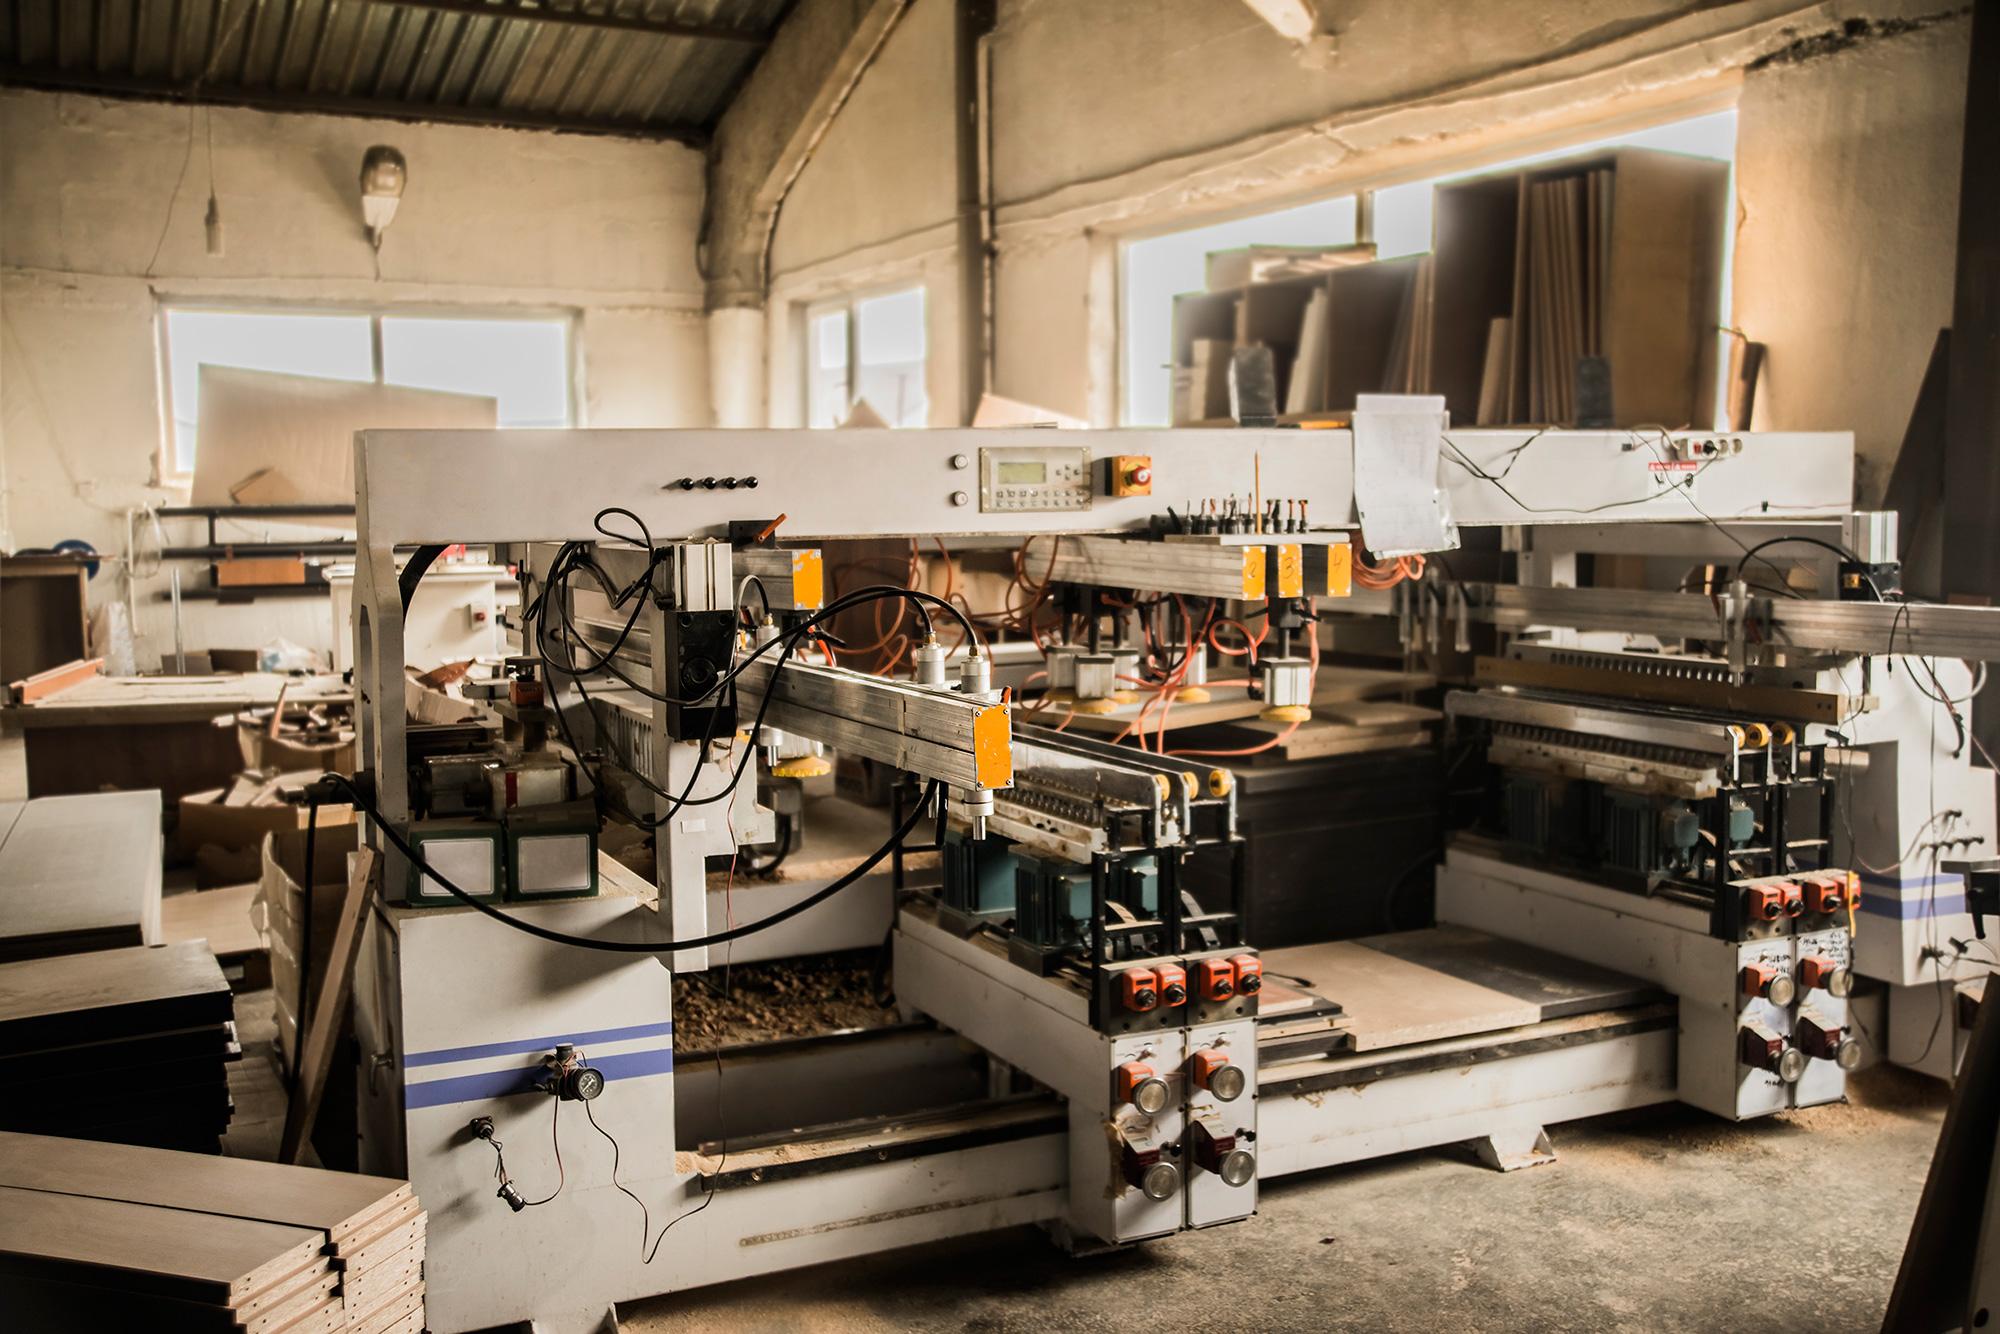 La transformaci n digital en el mueble y madera industria for Muebles industria